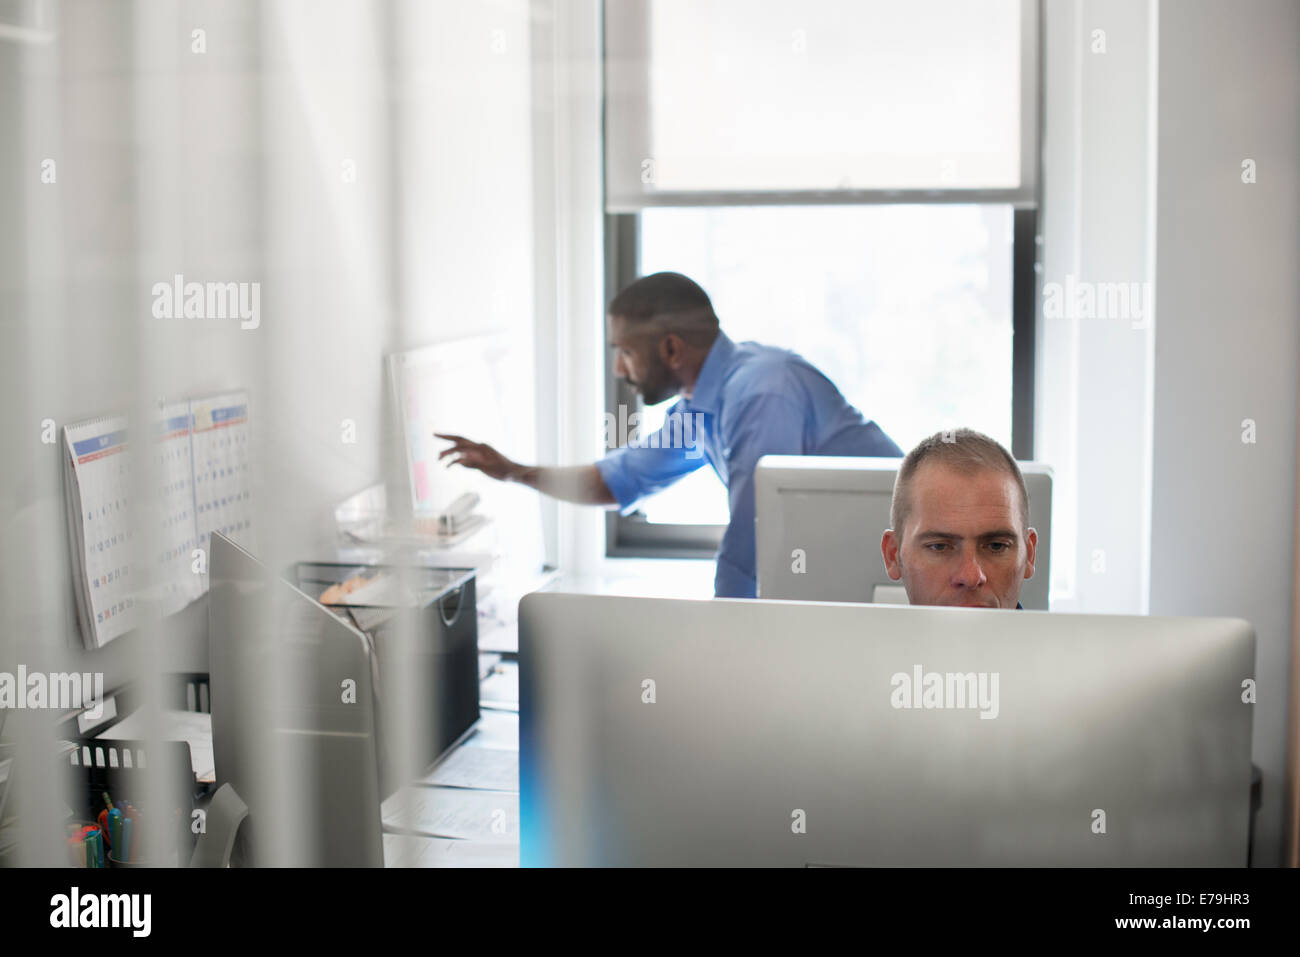 Un hombre sentado en un ordenador, y otro que trabaja en una pared planificador gráfico. Imagen De Stock